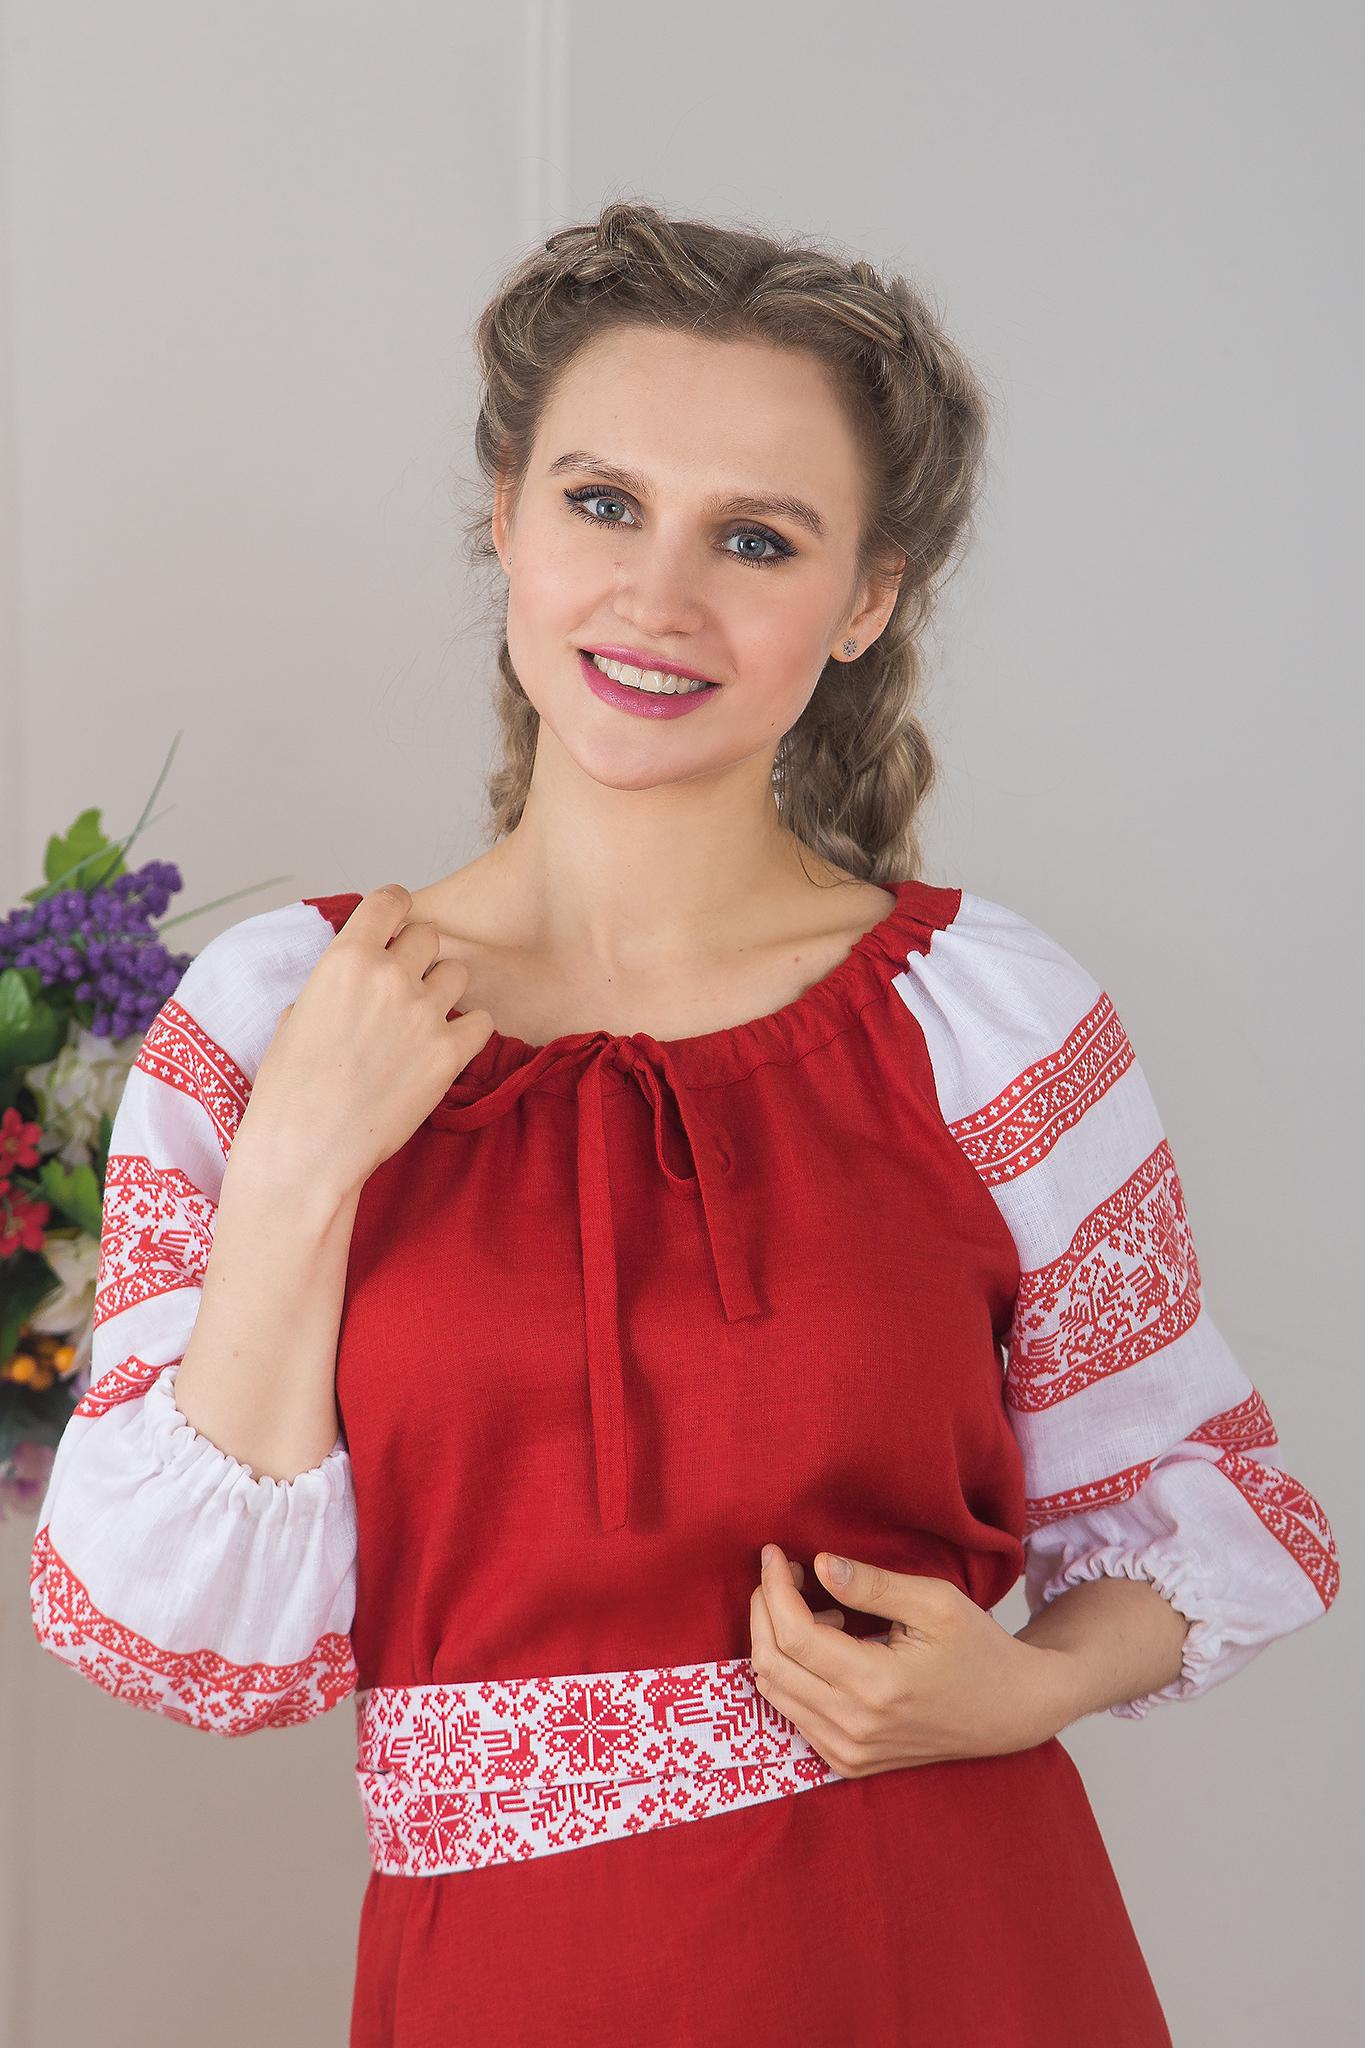 Увеличенный фрагмент русского костюма для народного танца Калина красная